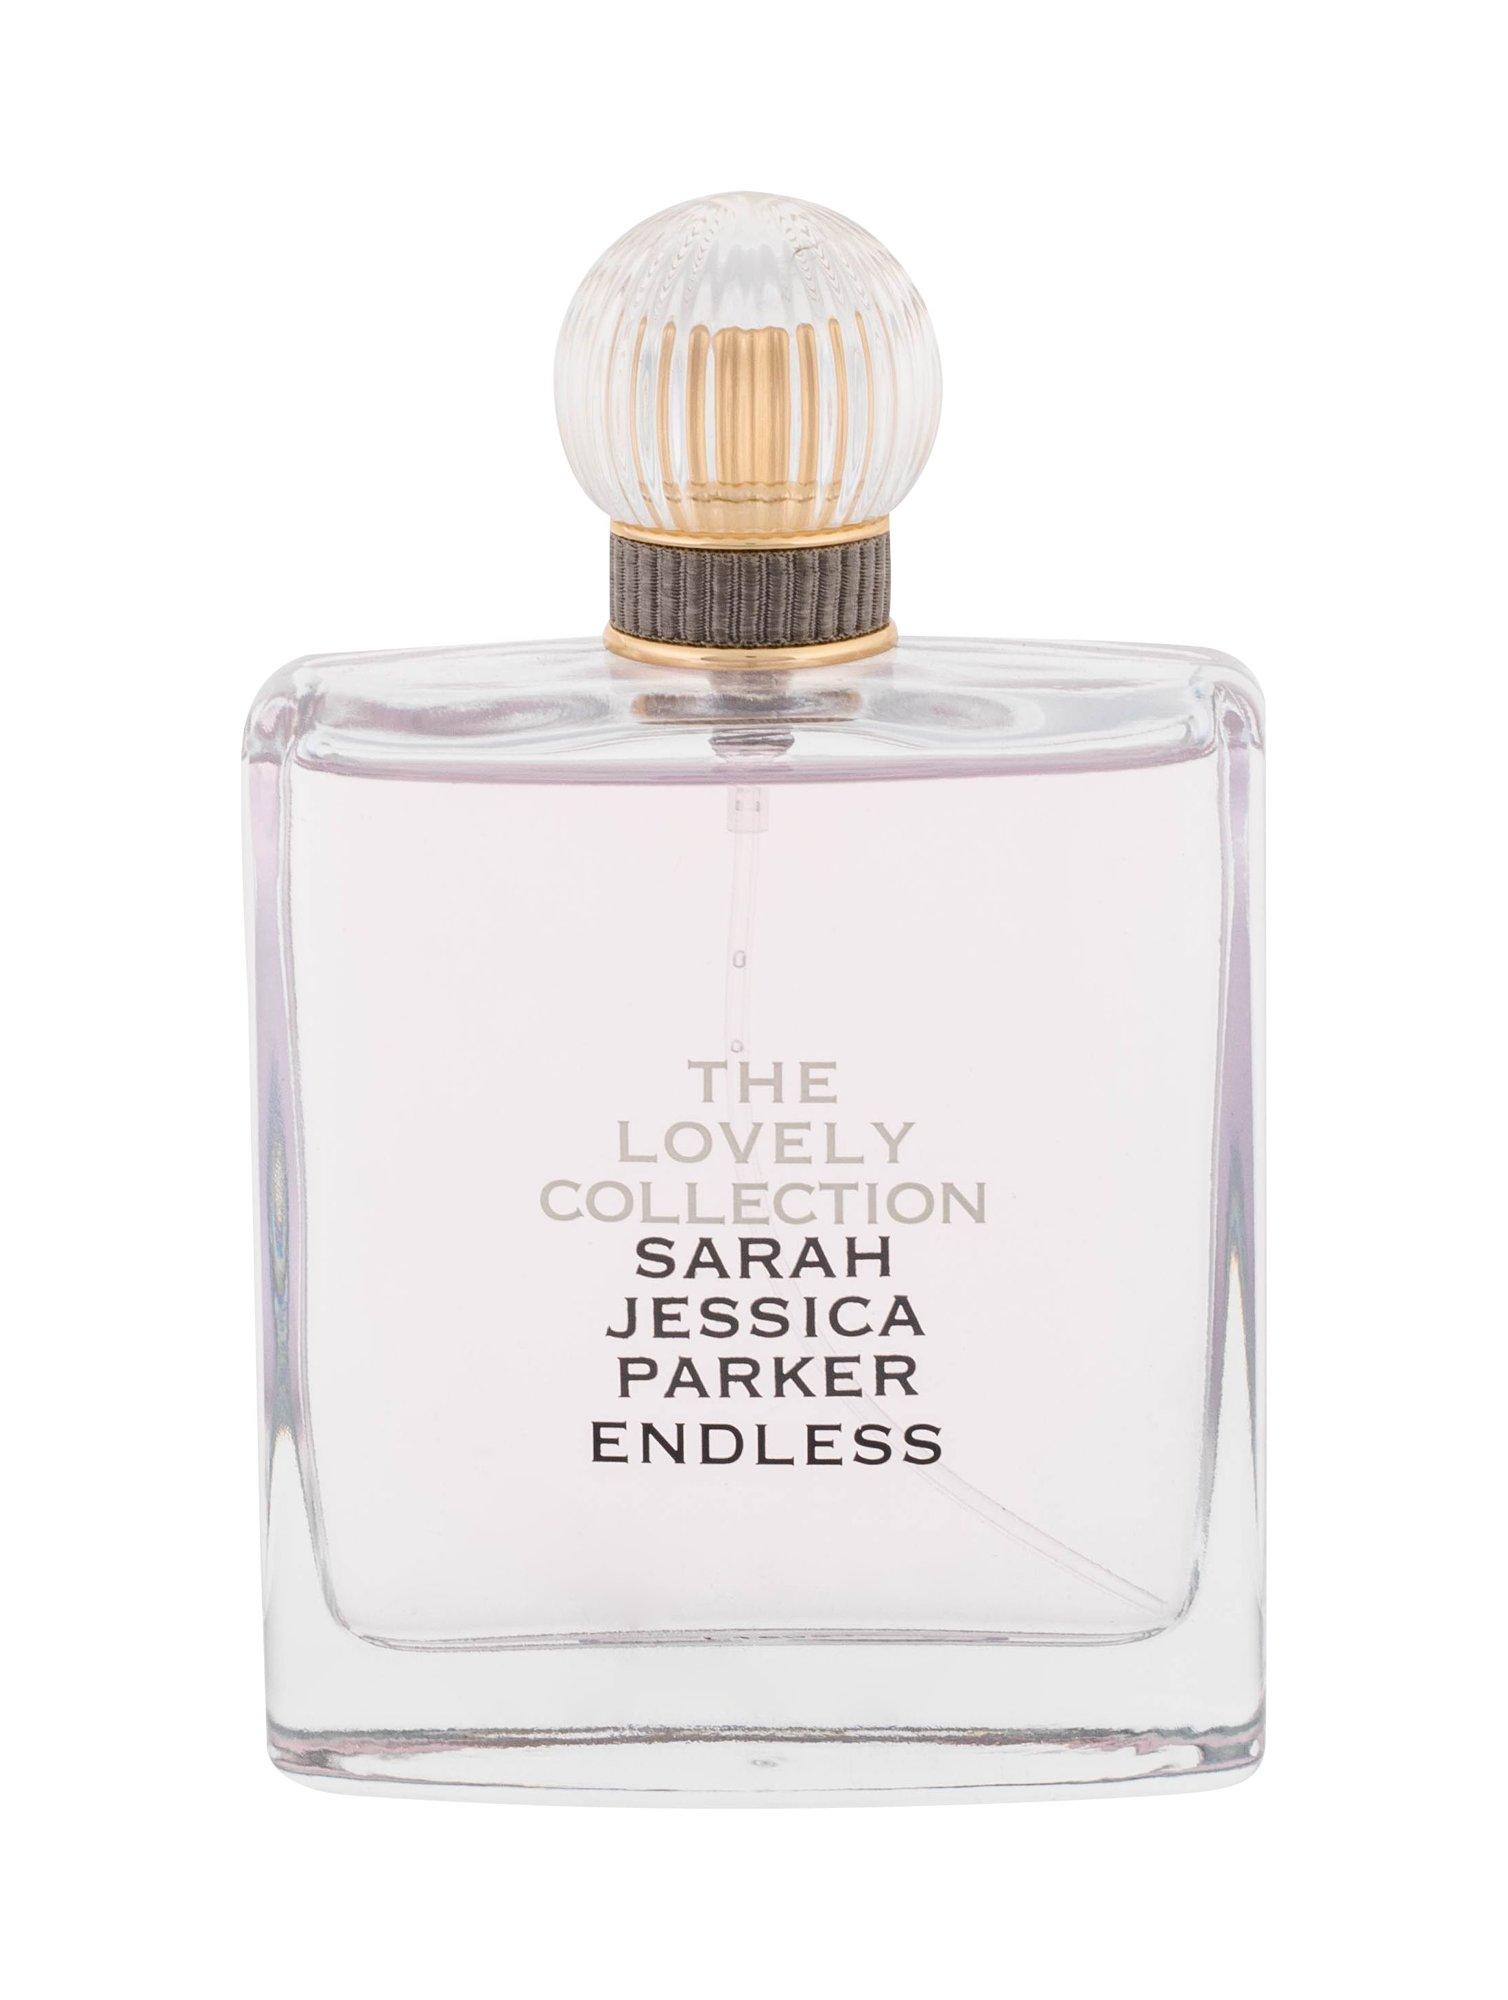 Sarah Jessica Parker Endless Eau de Parfum 100ml